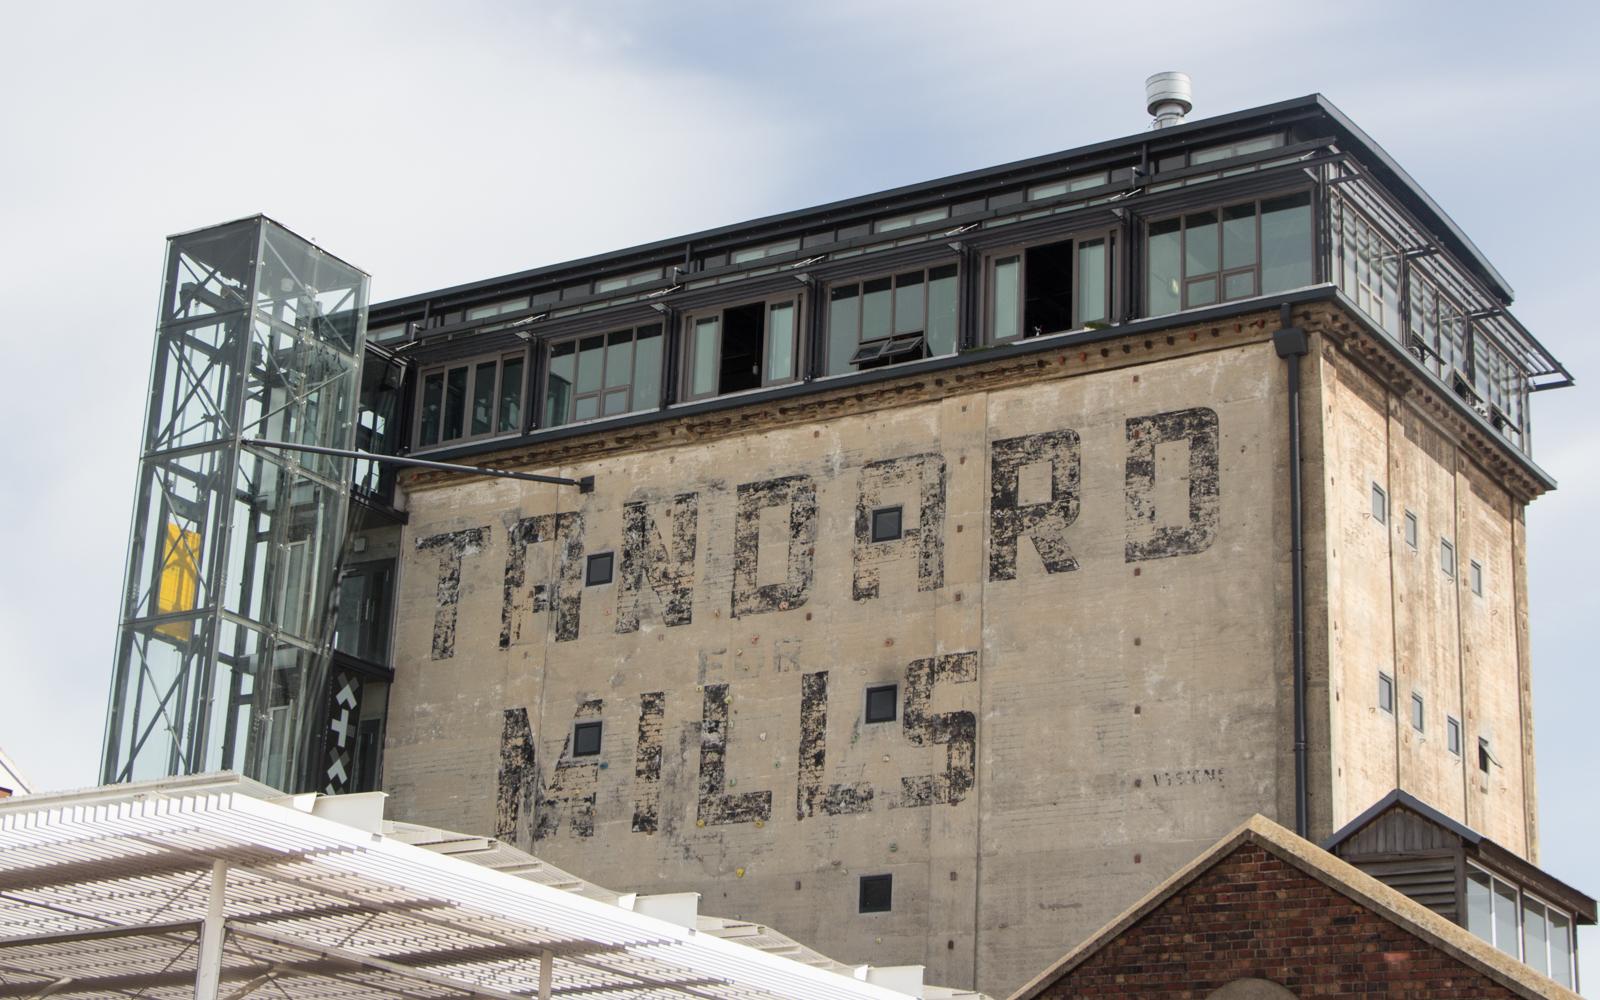 Kapstadt Sehenswürdigkeiten Old Biscuit Mill - alte Keksfabrik